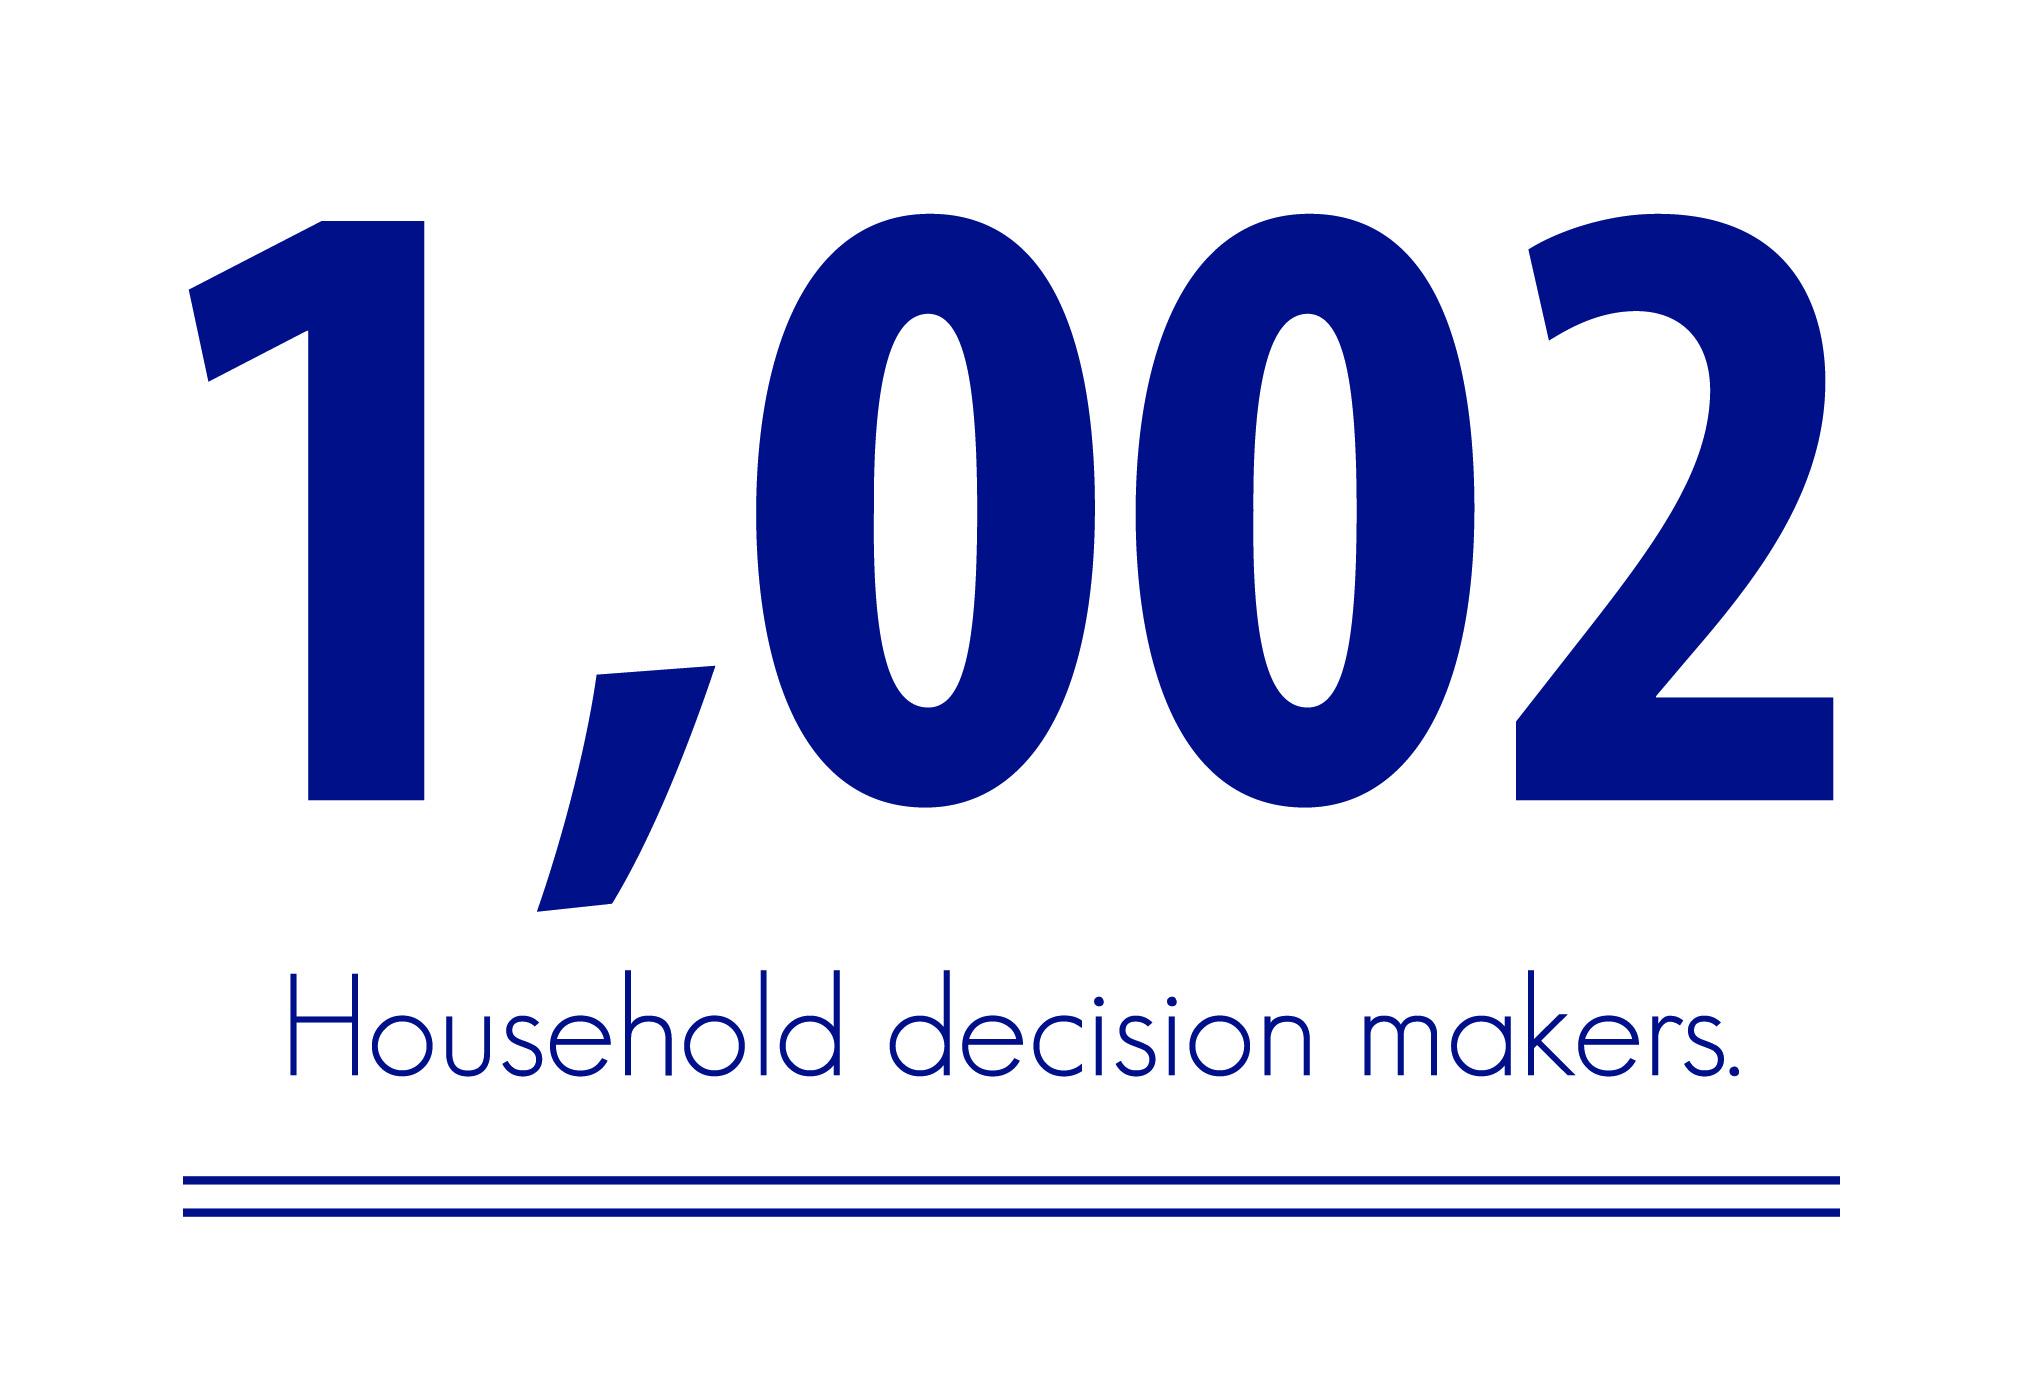 1002_houses-01.jpg